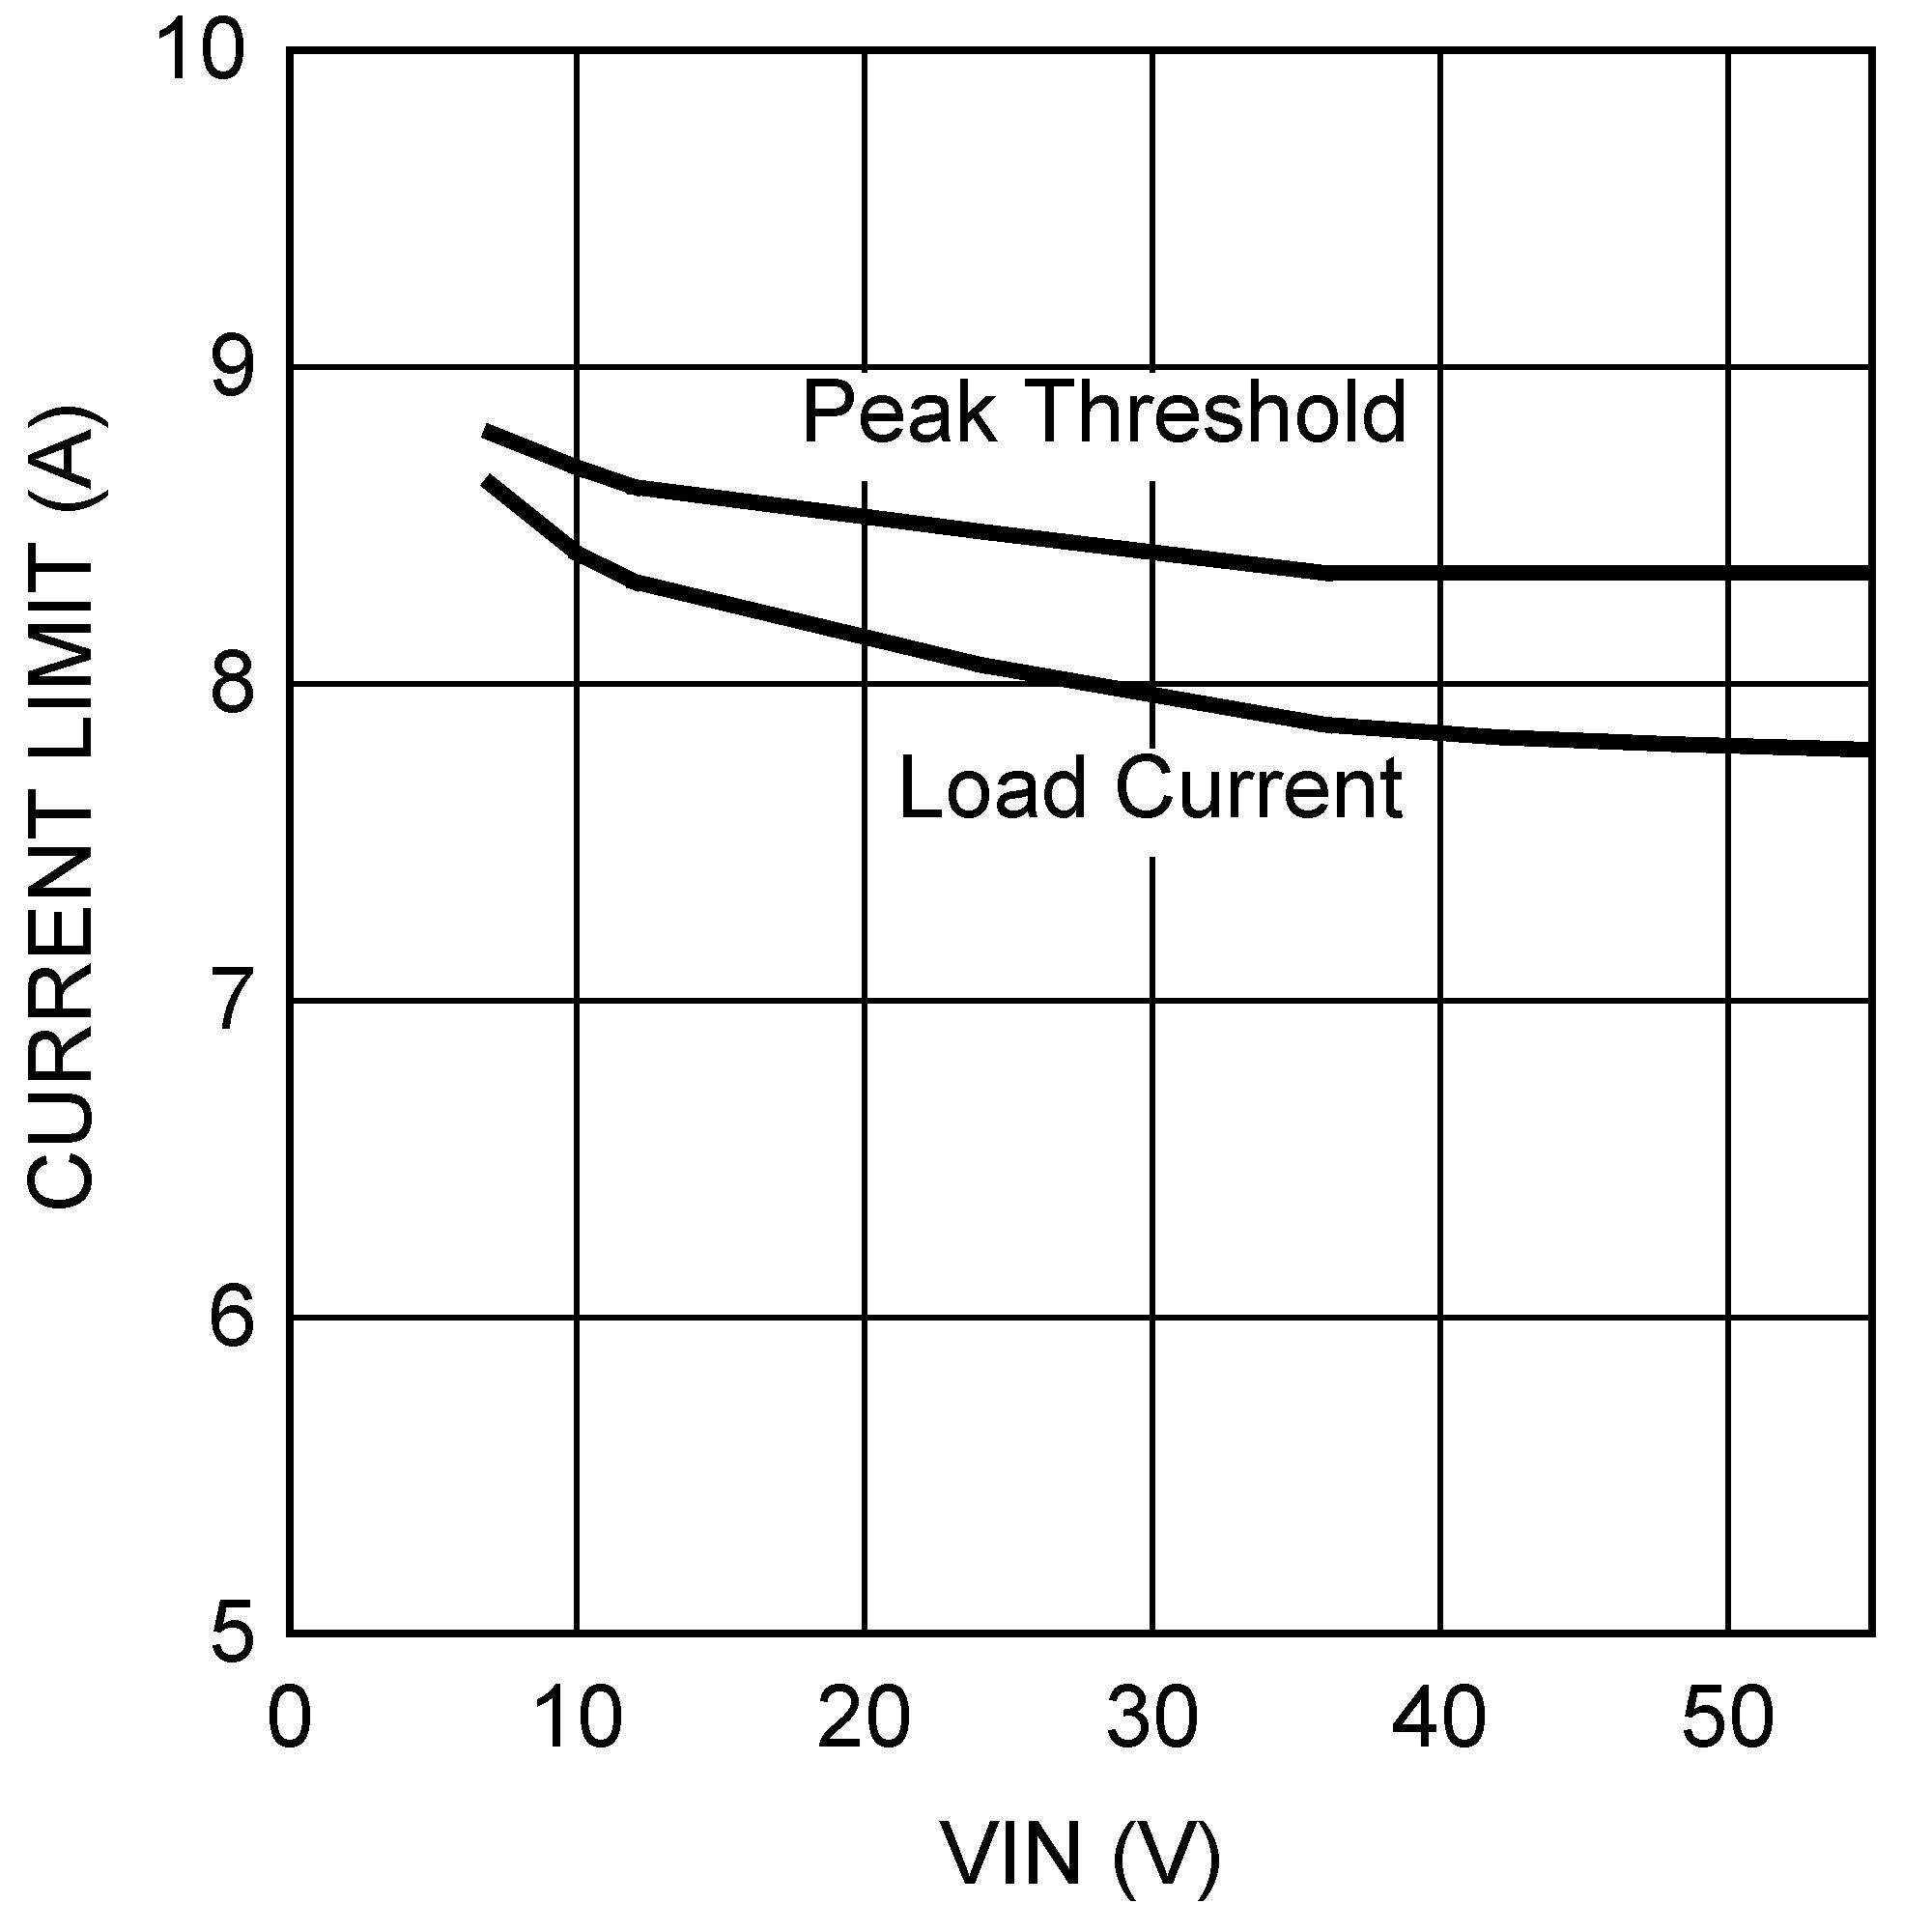 Lm5085 Q1 Current Limit Circuit 30057745 Figure 31 Vs